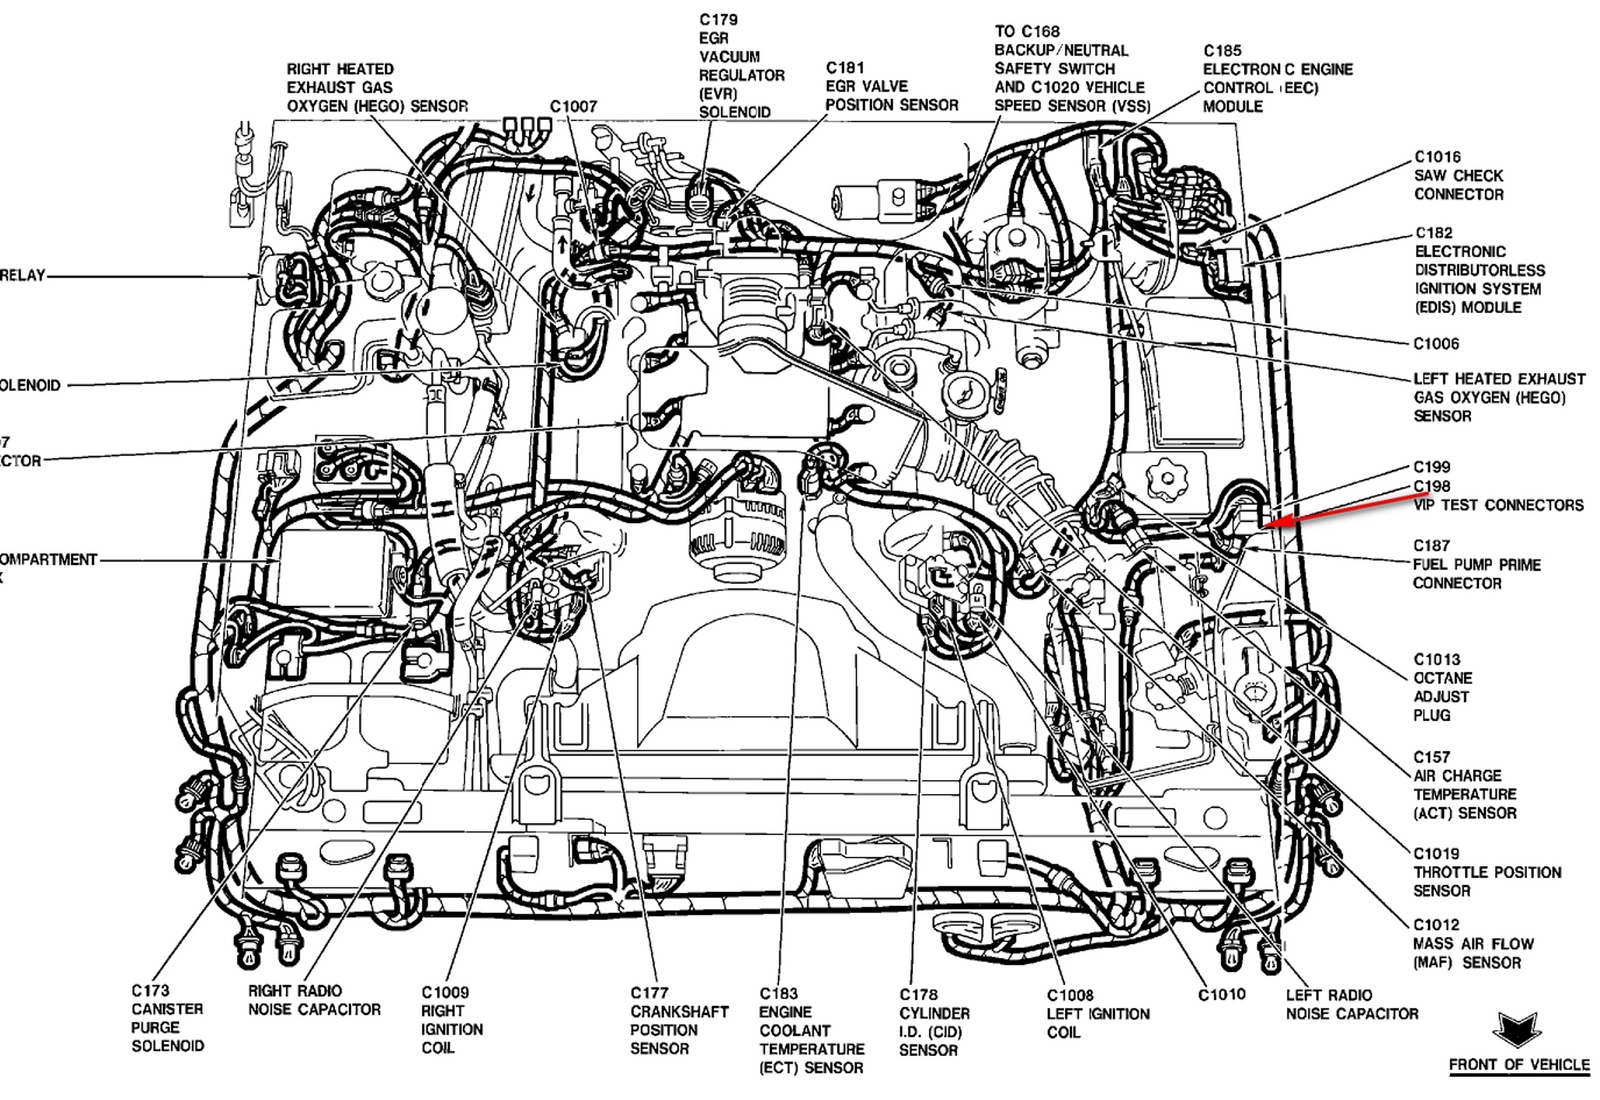 1998 Mercury Grand Marquis Engine Diagram | rescue-strap Wiring Diagram  union - rescue-strap.buildingblocks2016.eu | 1998 Mercury Sable Wiring Diagram |  | buildingblocks2016.eu